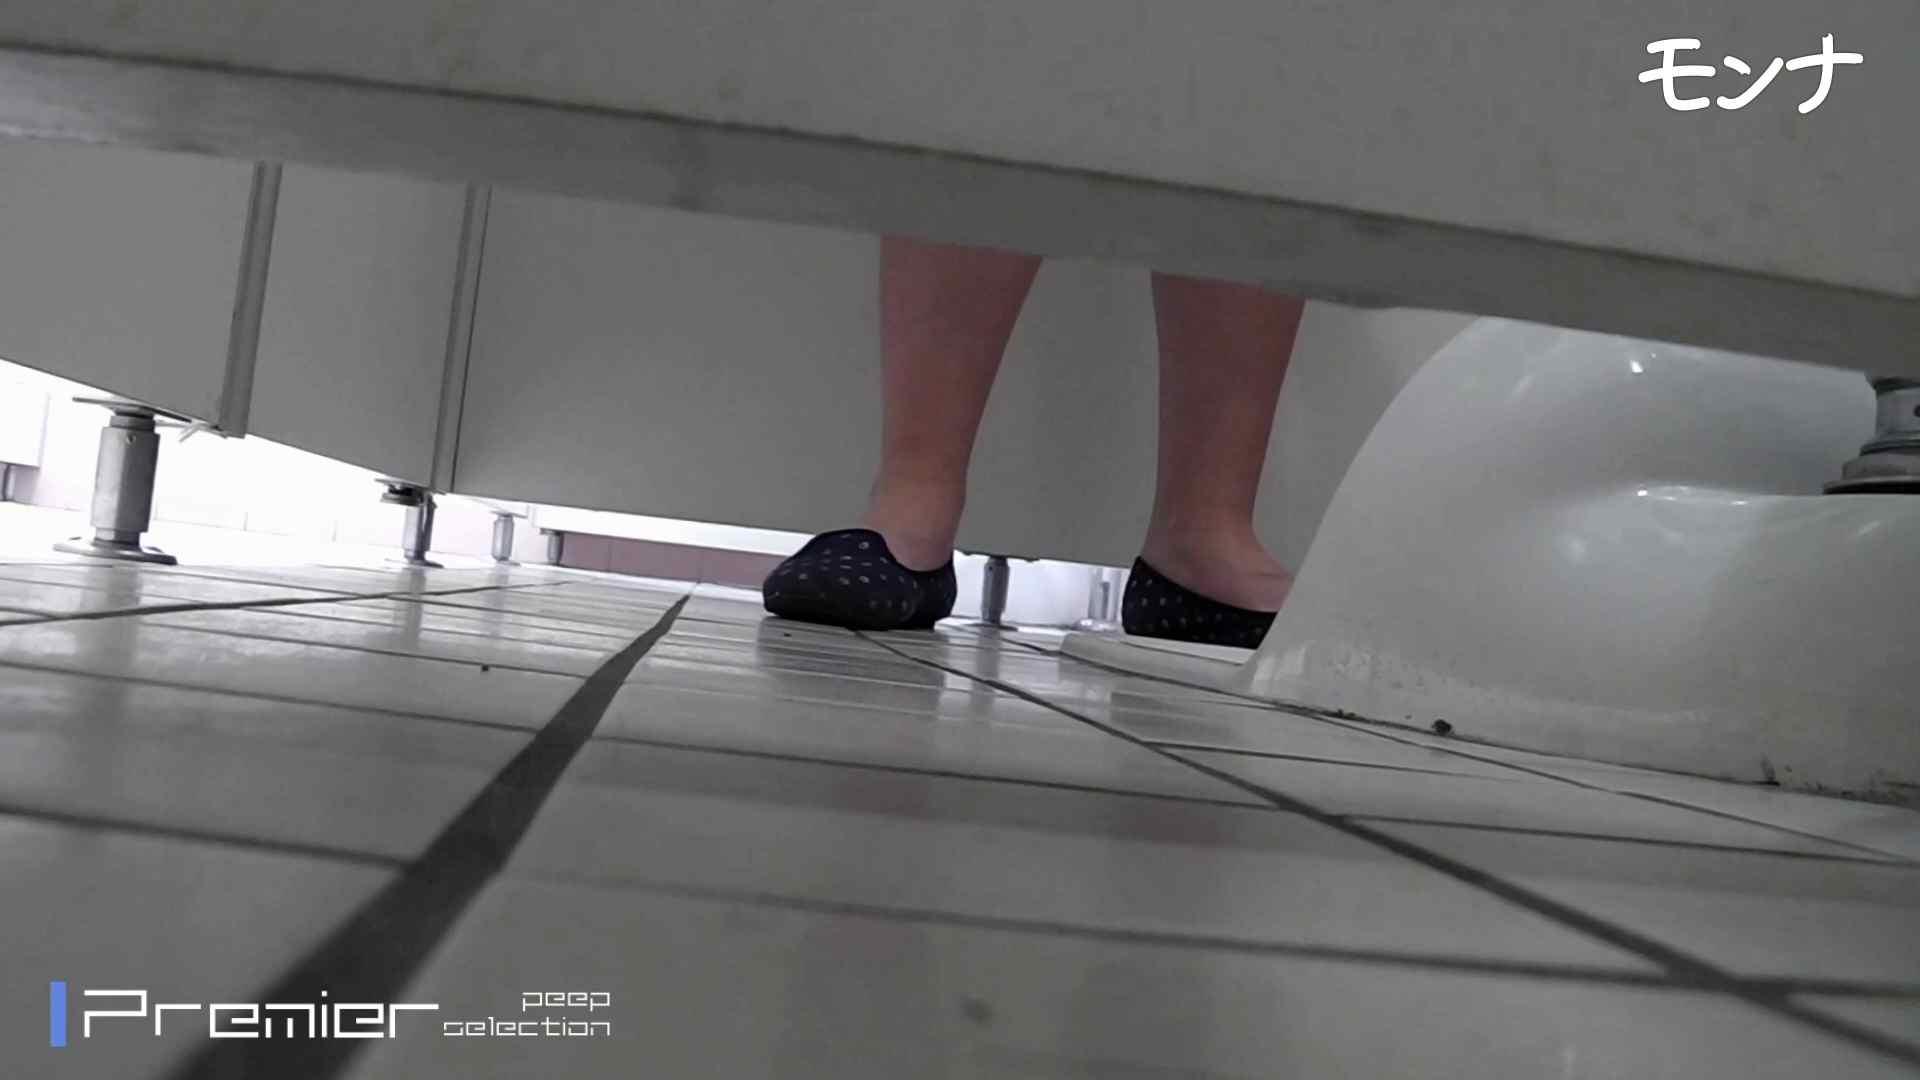 CM 悶絶シリーズ5 【美しい日本の未来 No.128】 ギャル盗撮映像 のぞき動画画像 100PIX 46